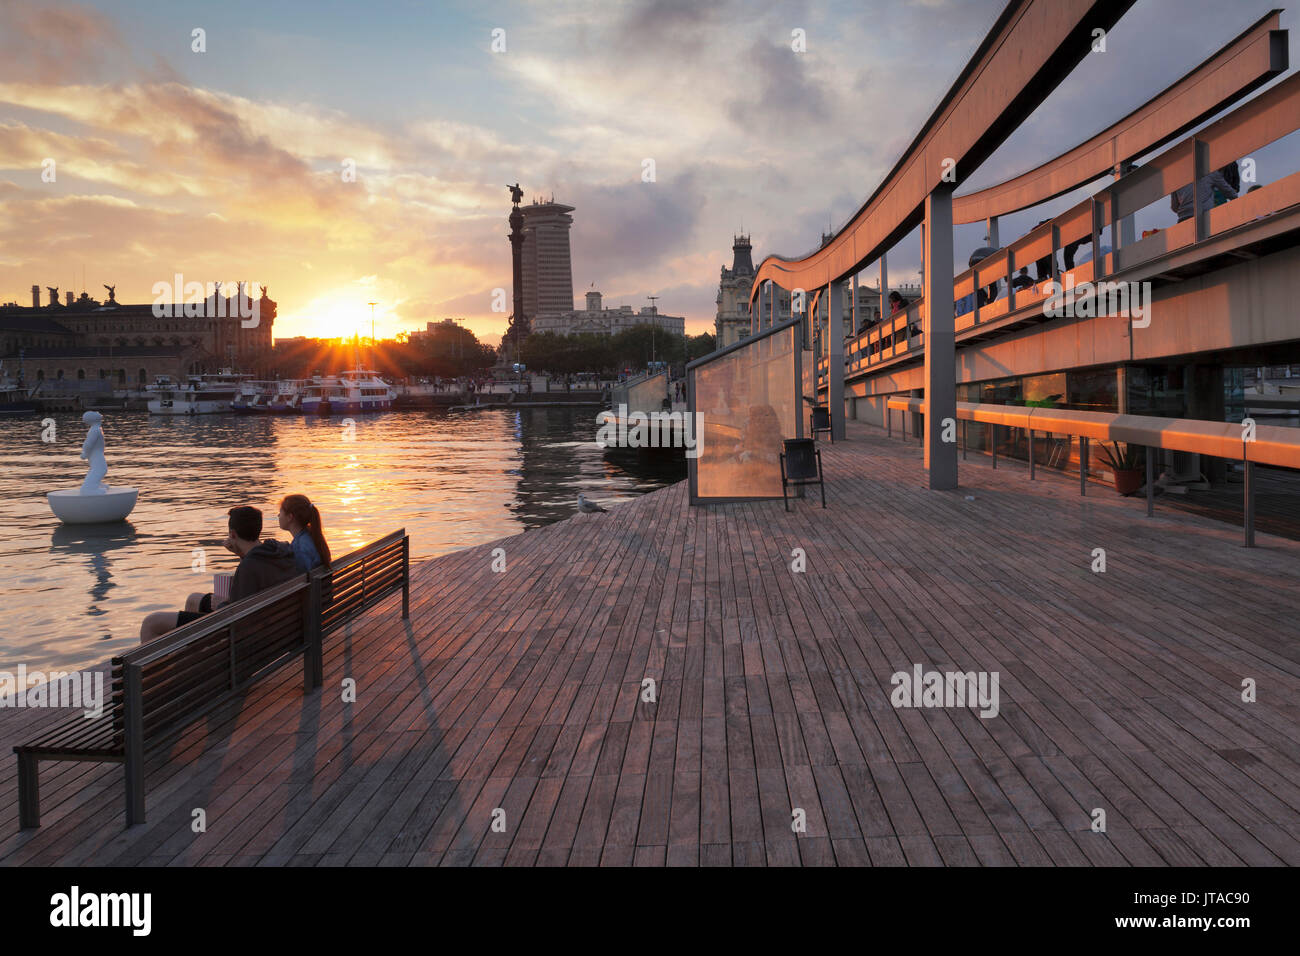 Rambla del Mar a Port Vell, Edificio Torre del colon e il monumento a Colombo (Monument a Colom), Barcellona, in Catalogna, Spagna, Europa Immagini Stock